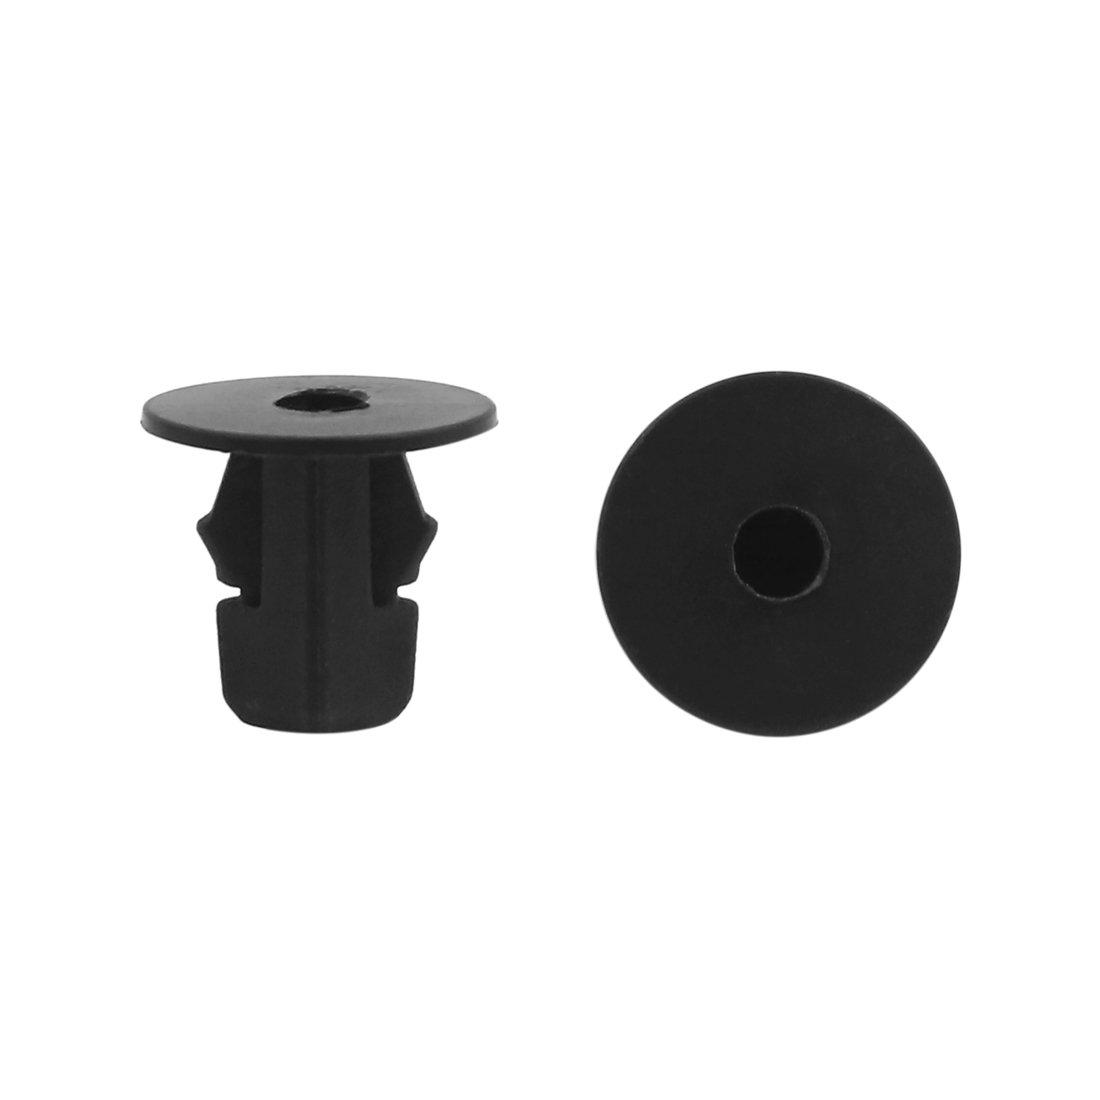 sourcingmap 10 Pcs Plastic Rivet Trim Fastener Moulding Clips for 6mm Dia Hole